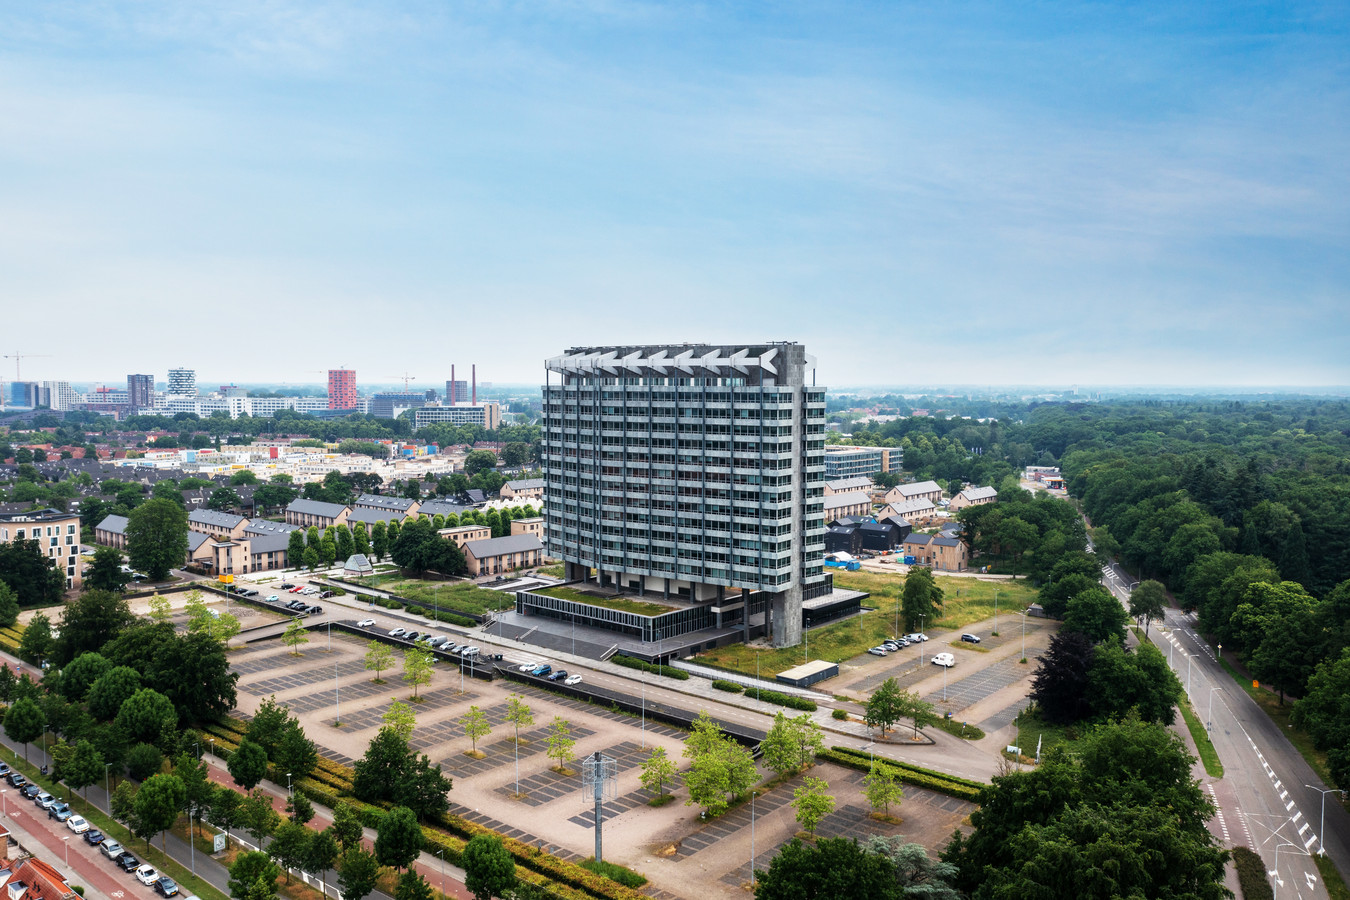 Het voormalige Philipskantoor aan de Boschdijk in Eindhoven. Ten Brinke en Bekke & Partners onderzoeken de mogelijkheden om hier woningen in en bij te bouwen. Achter het pand dat vroeger de Philipsaanduiding  VB had, ligt de nieuwe wijk Vredeoord.